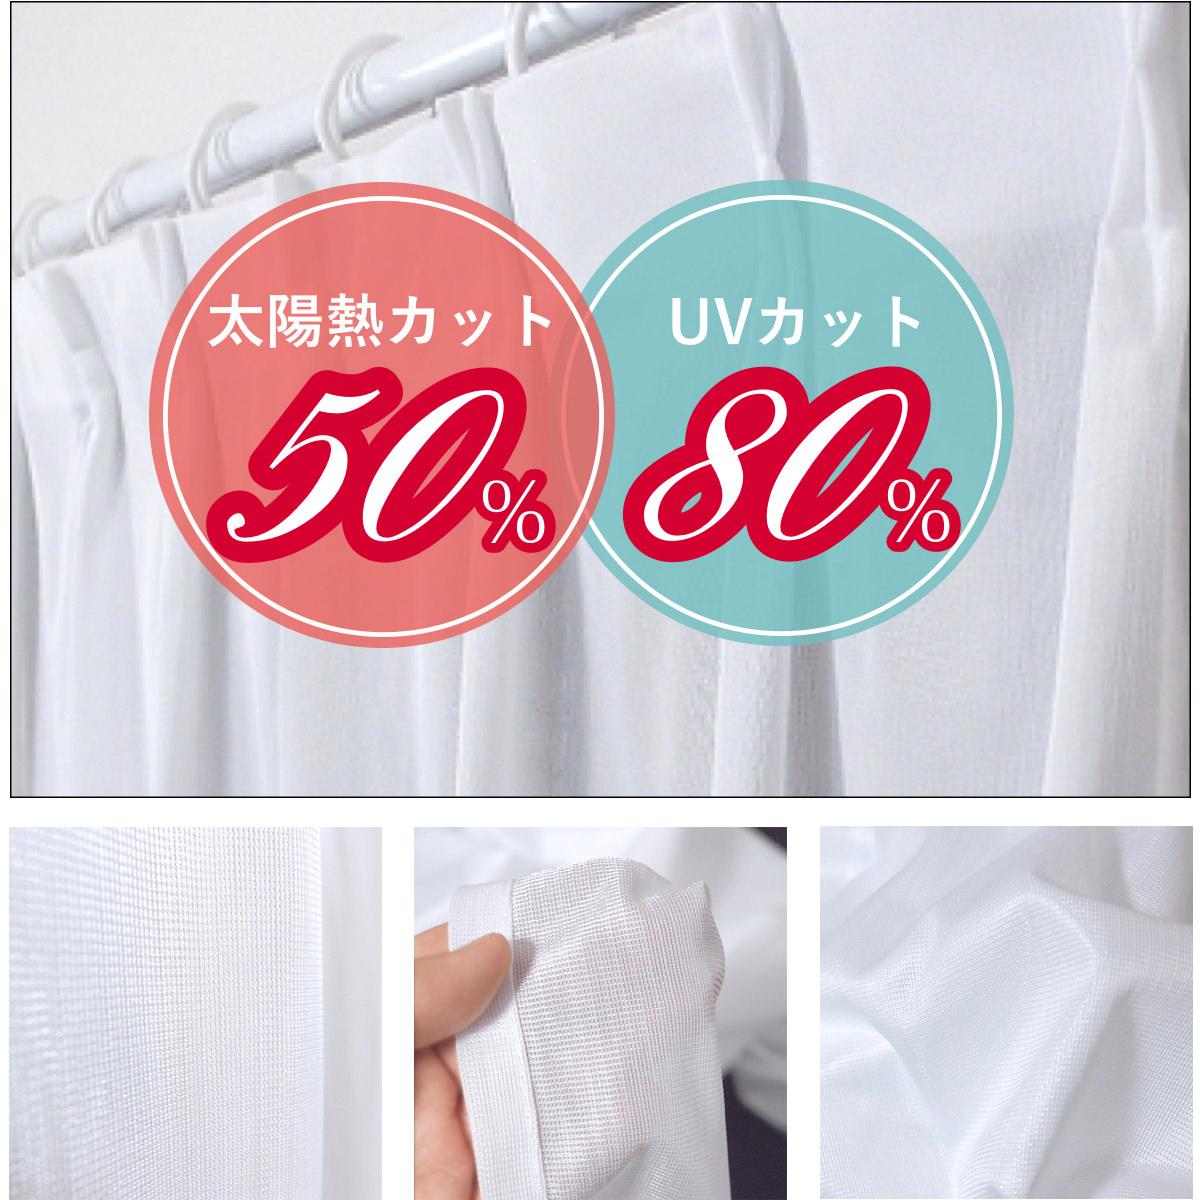 太陽熱カット50%、UVカット80%!<br />熱を通さないレースカーテンです。【カノン】